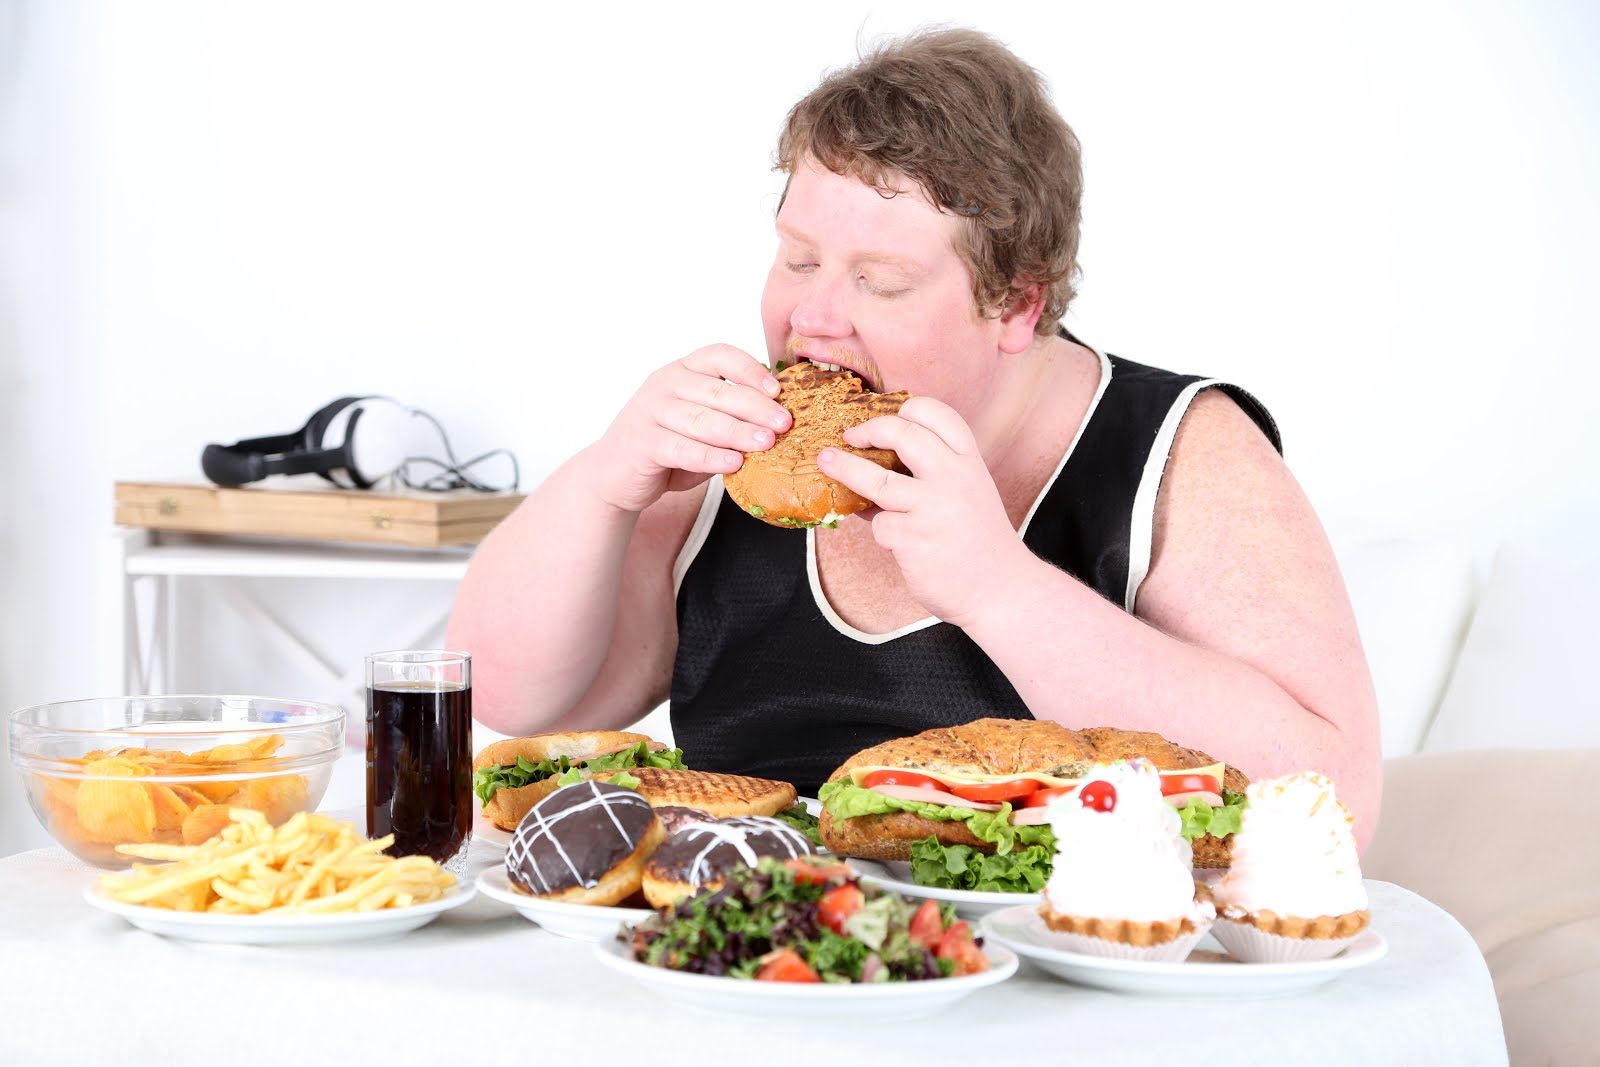 Chế độ dinh dưỡng bất hợp lý khiên năng lượng tích trữ tăng một cách chóng mặt